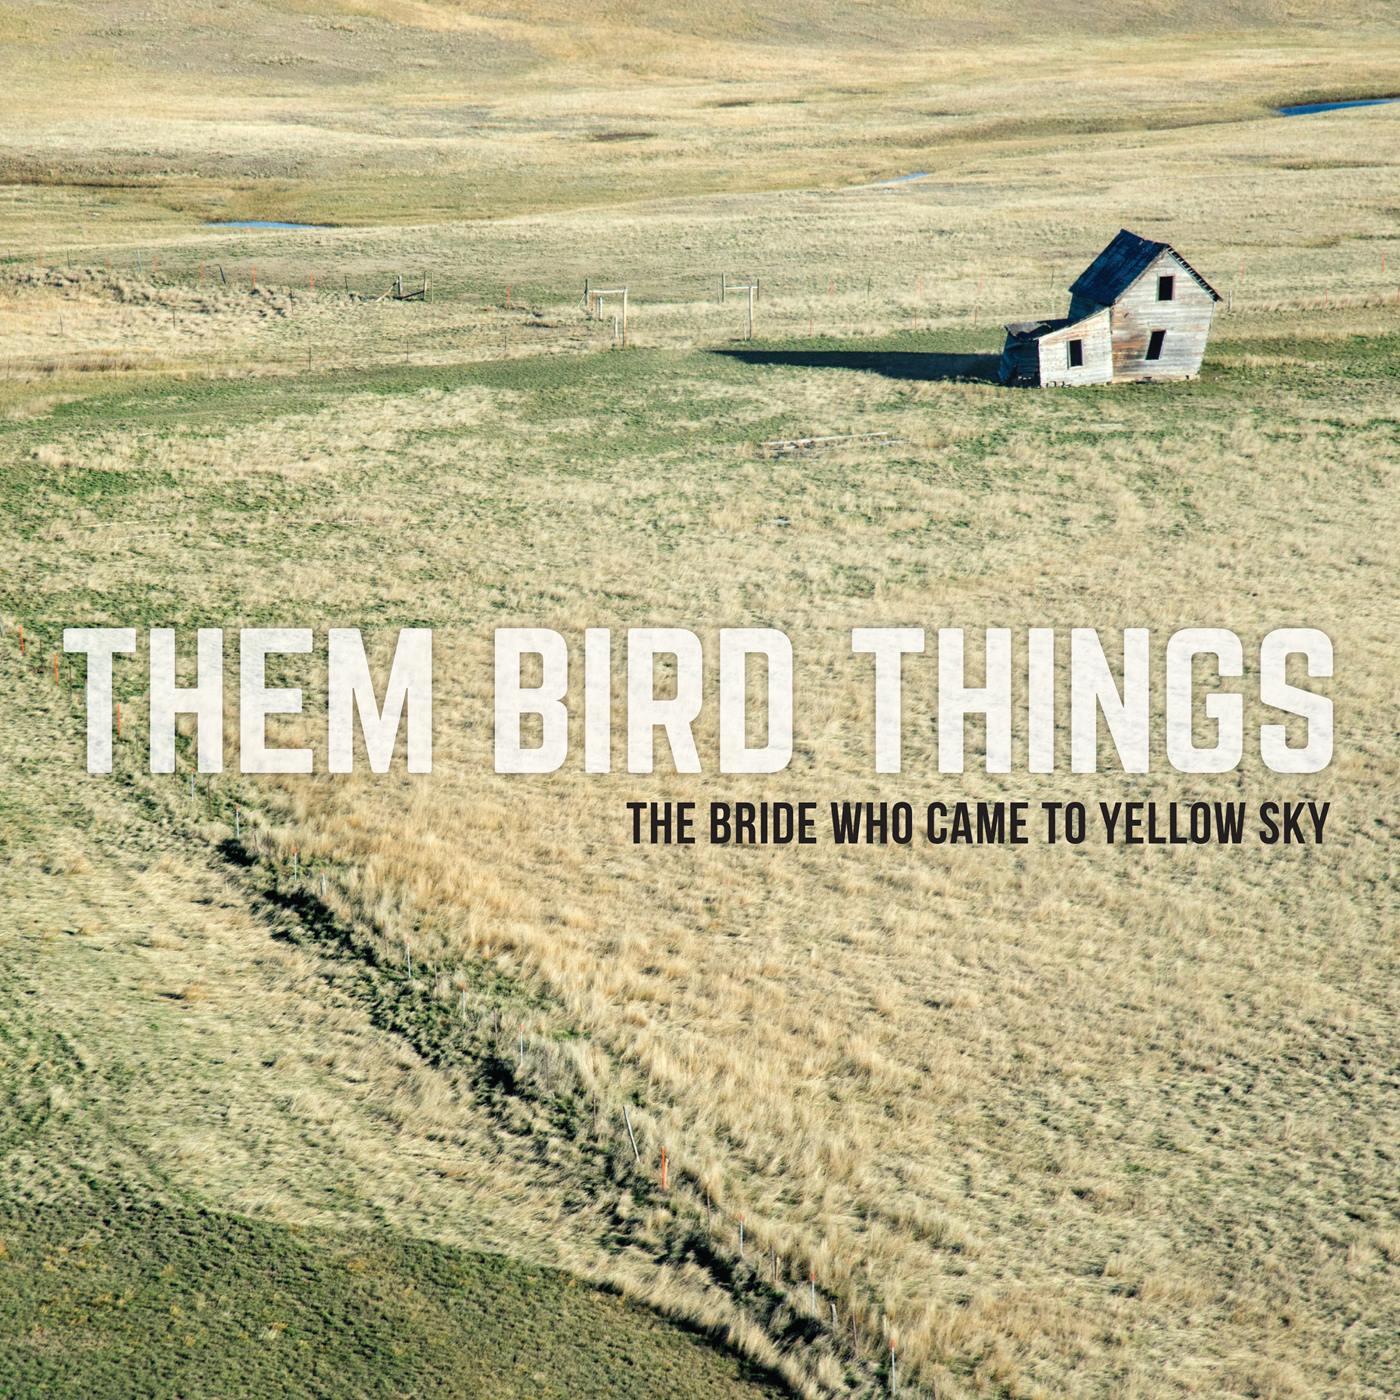 Them Bird Things